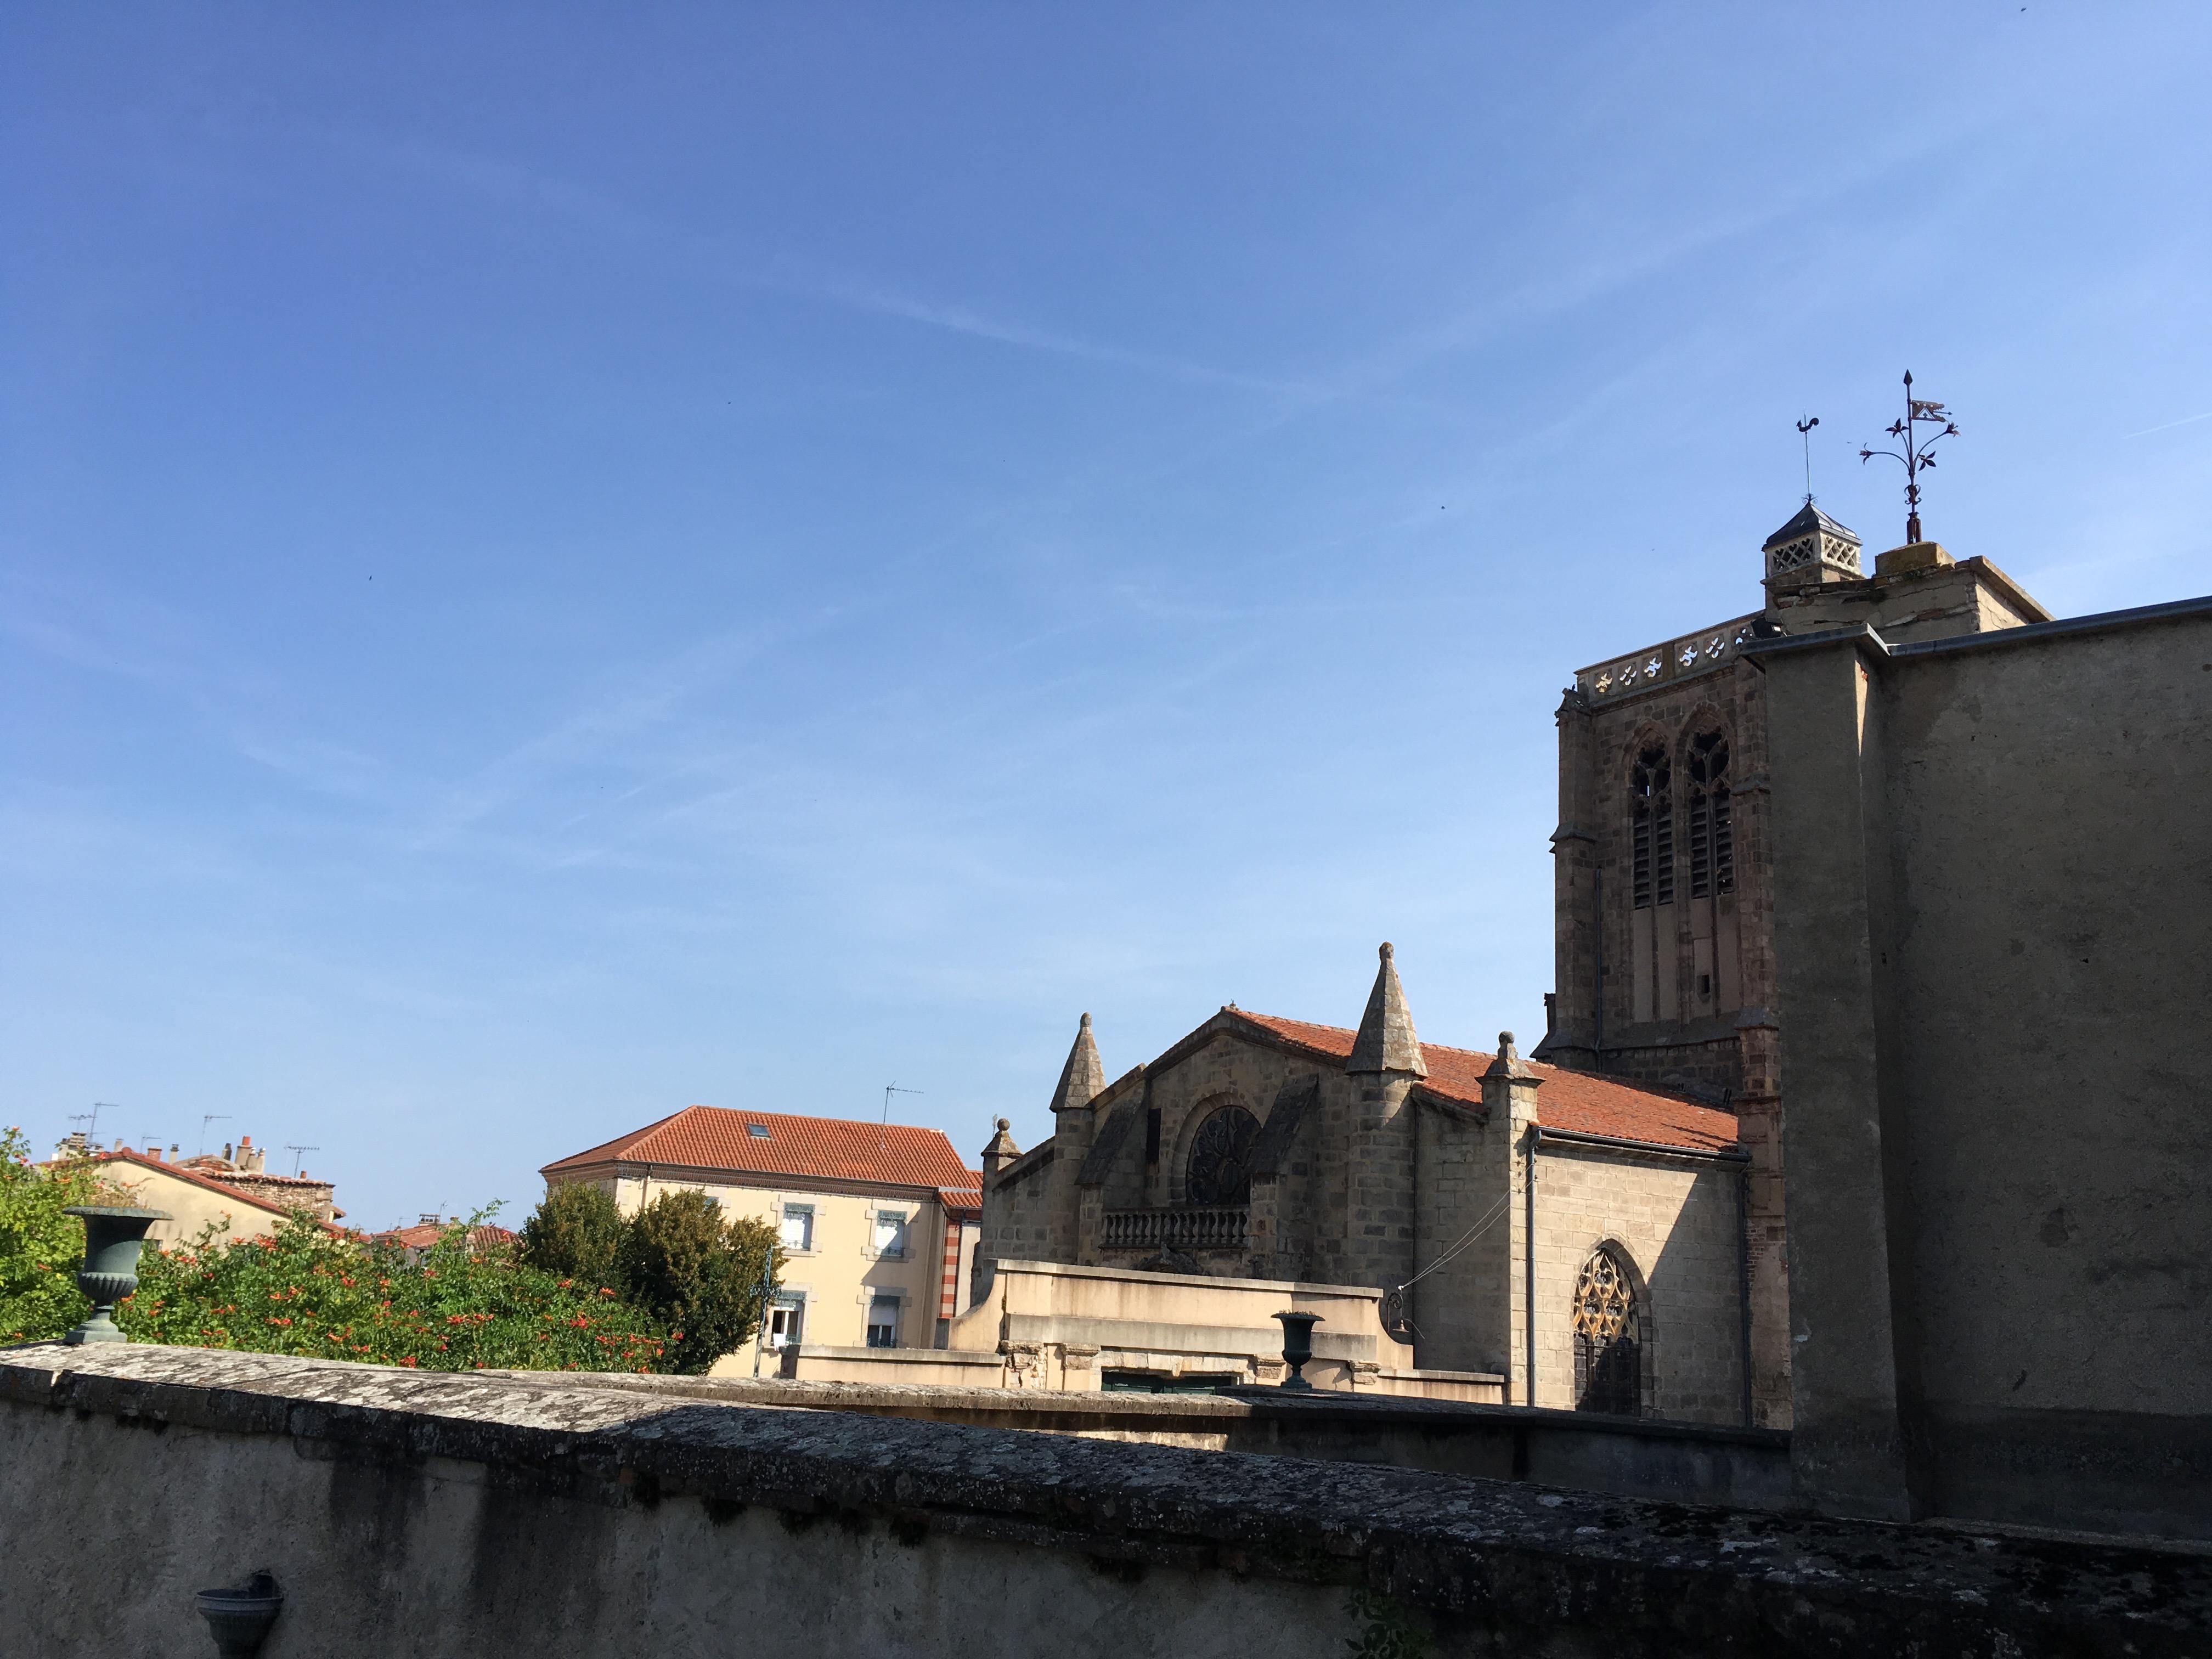 Château de Sury Le Comtal